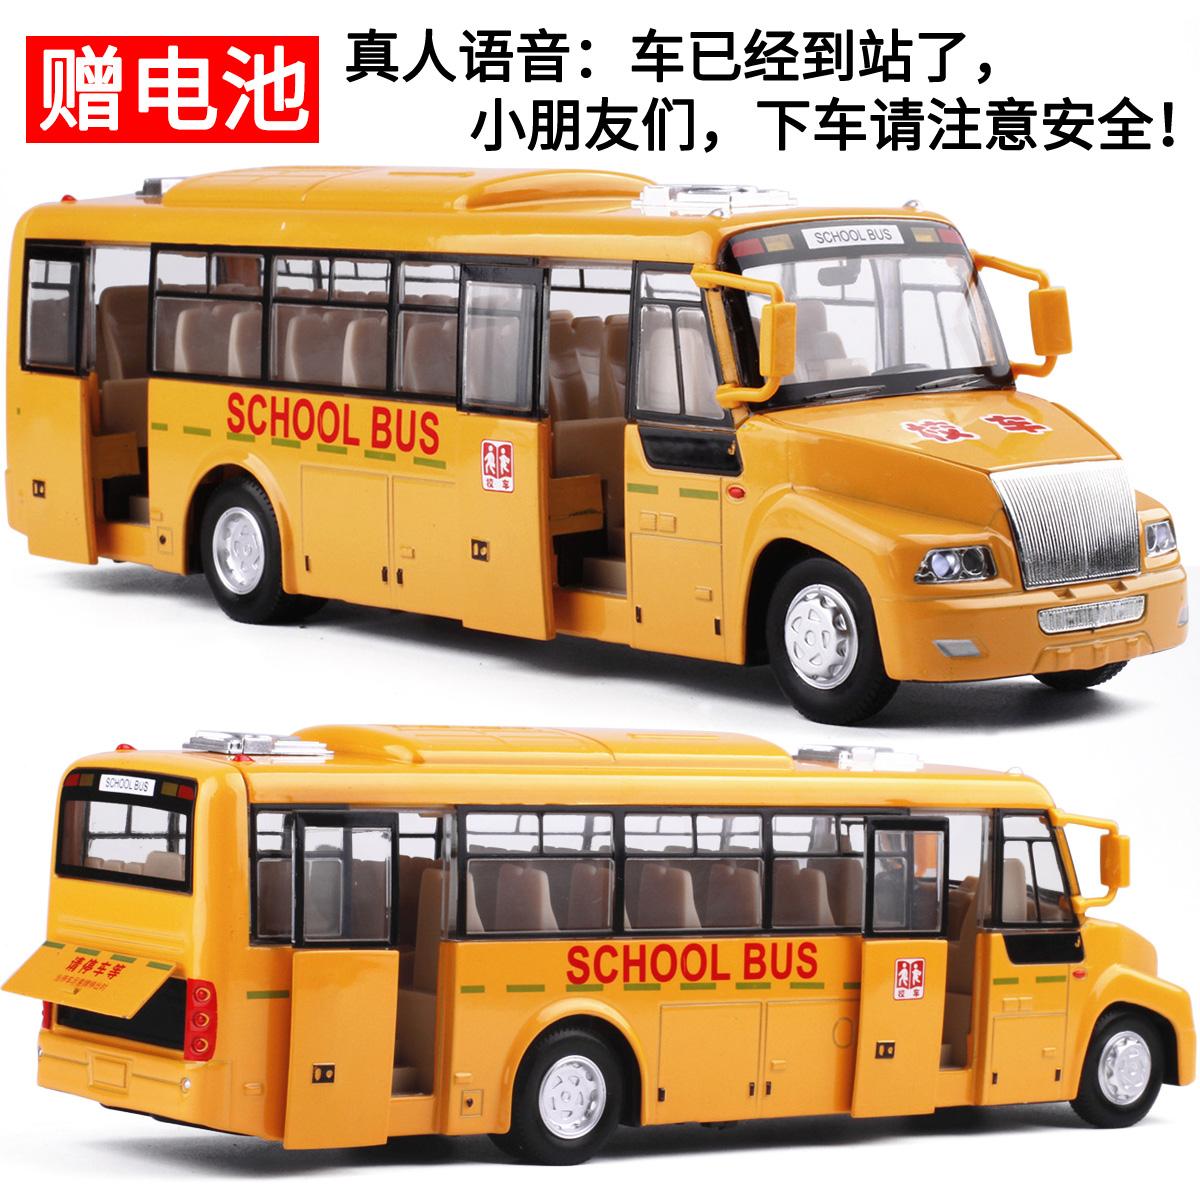 彩珀美��大校�巴士可�_�T合金光色回力汽�模型�和�校巴模型玩具